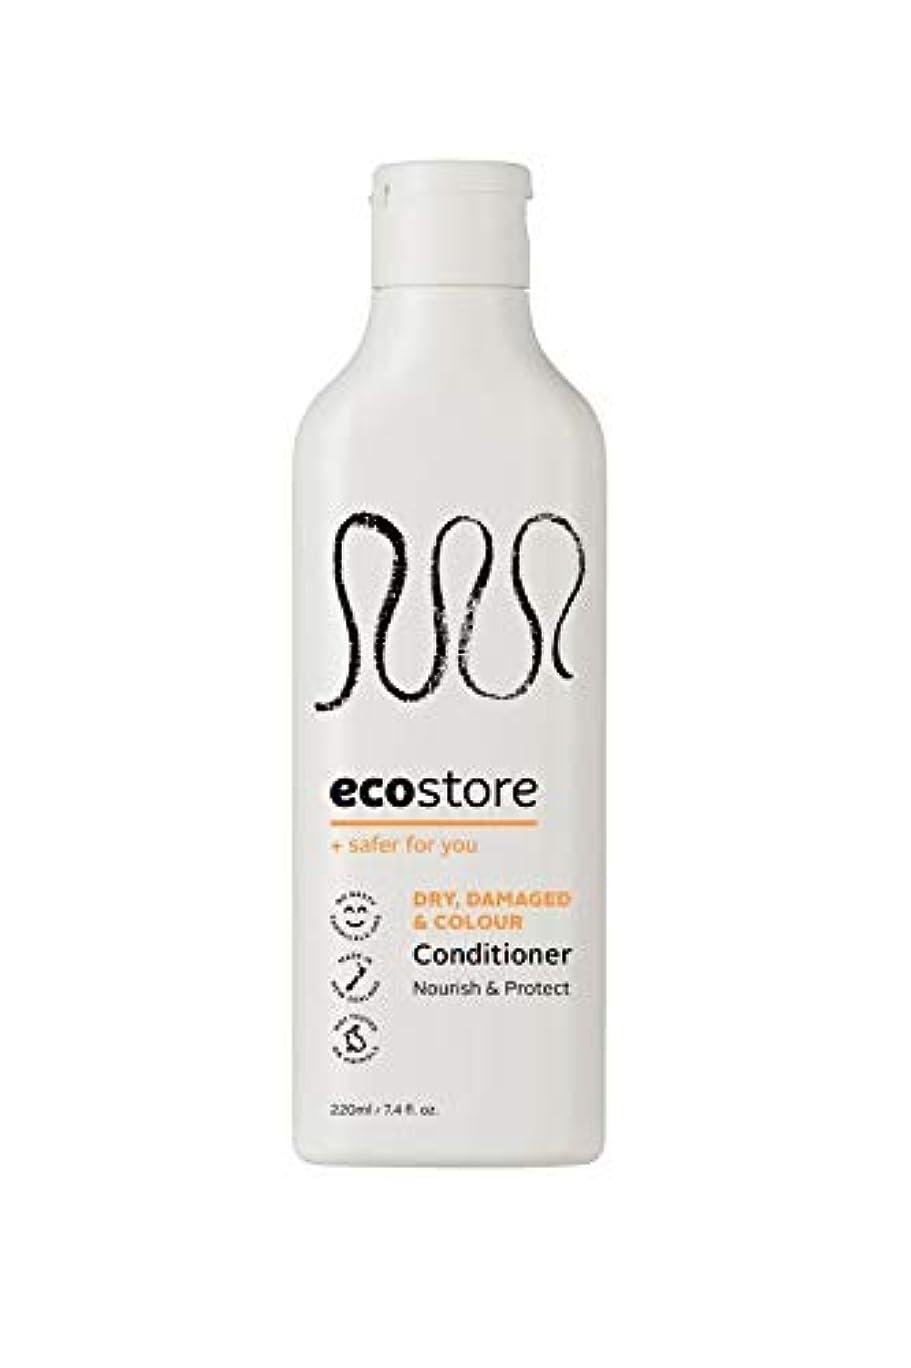 ecostore(エコストア) コンディショナー ドライ&ダメージ用 【ベルガモット&オレンジ】 220mL